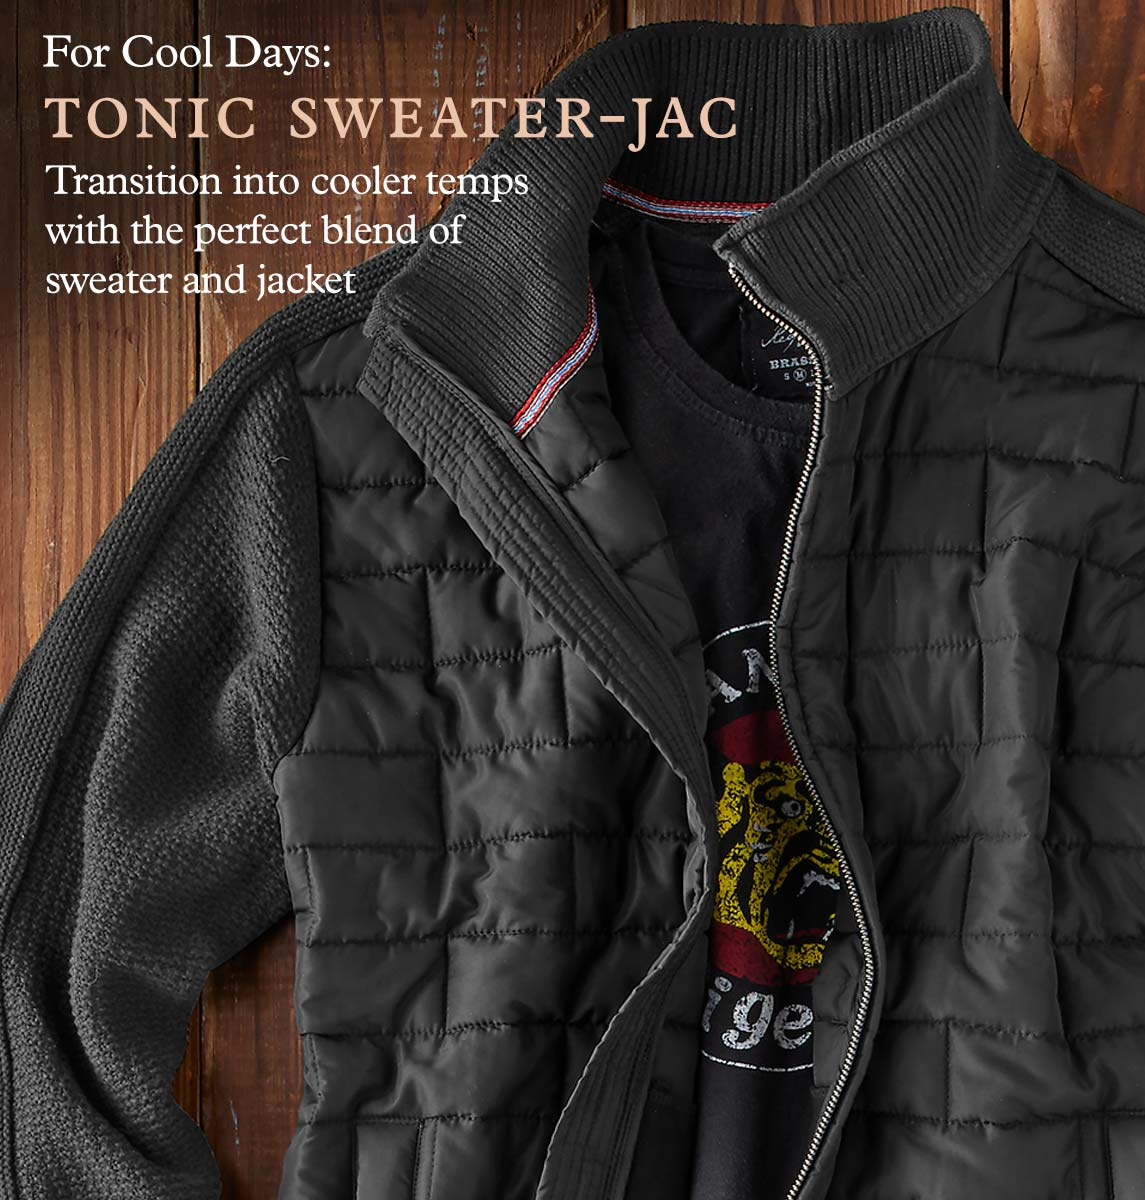 Tonic Sweater-Jac